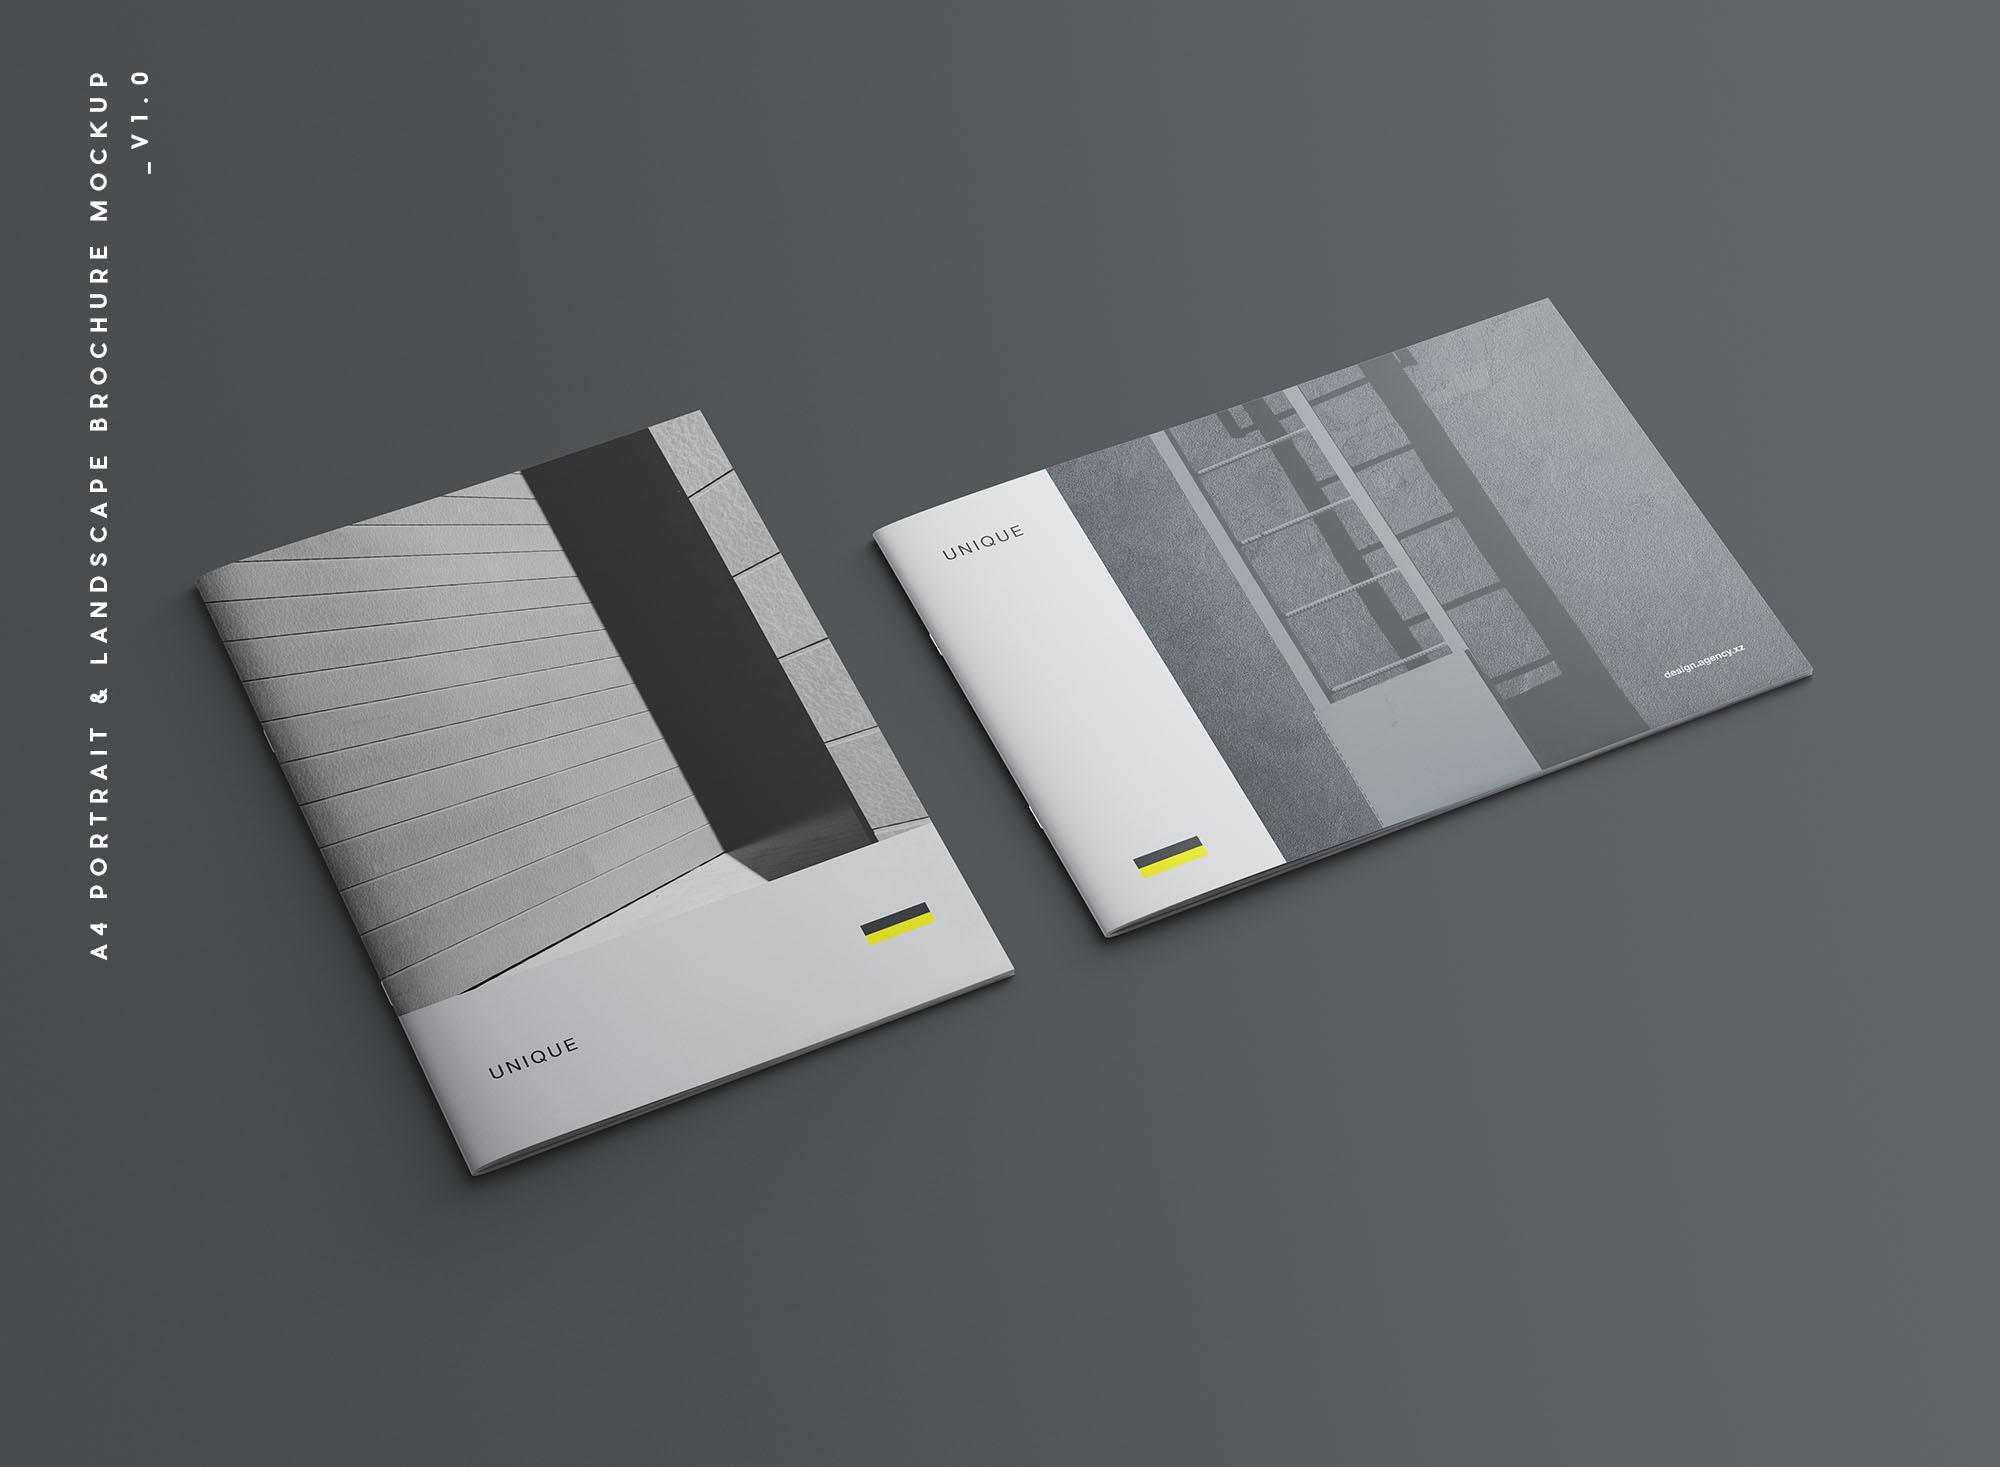 时尚高端简约多用途的高品质画册品牌手册宣传册设计VI样机展示模型mockups designshidai_yj675